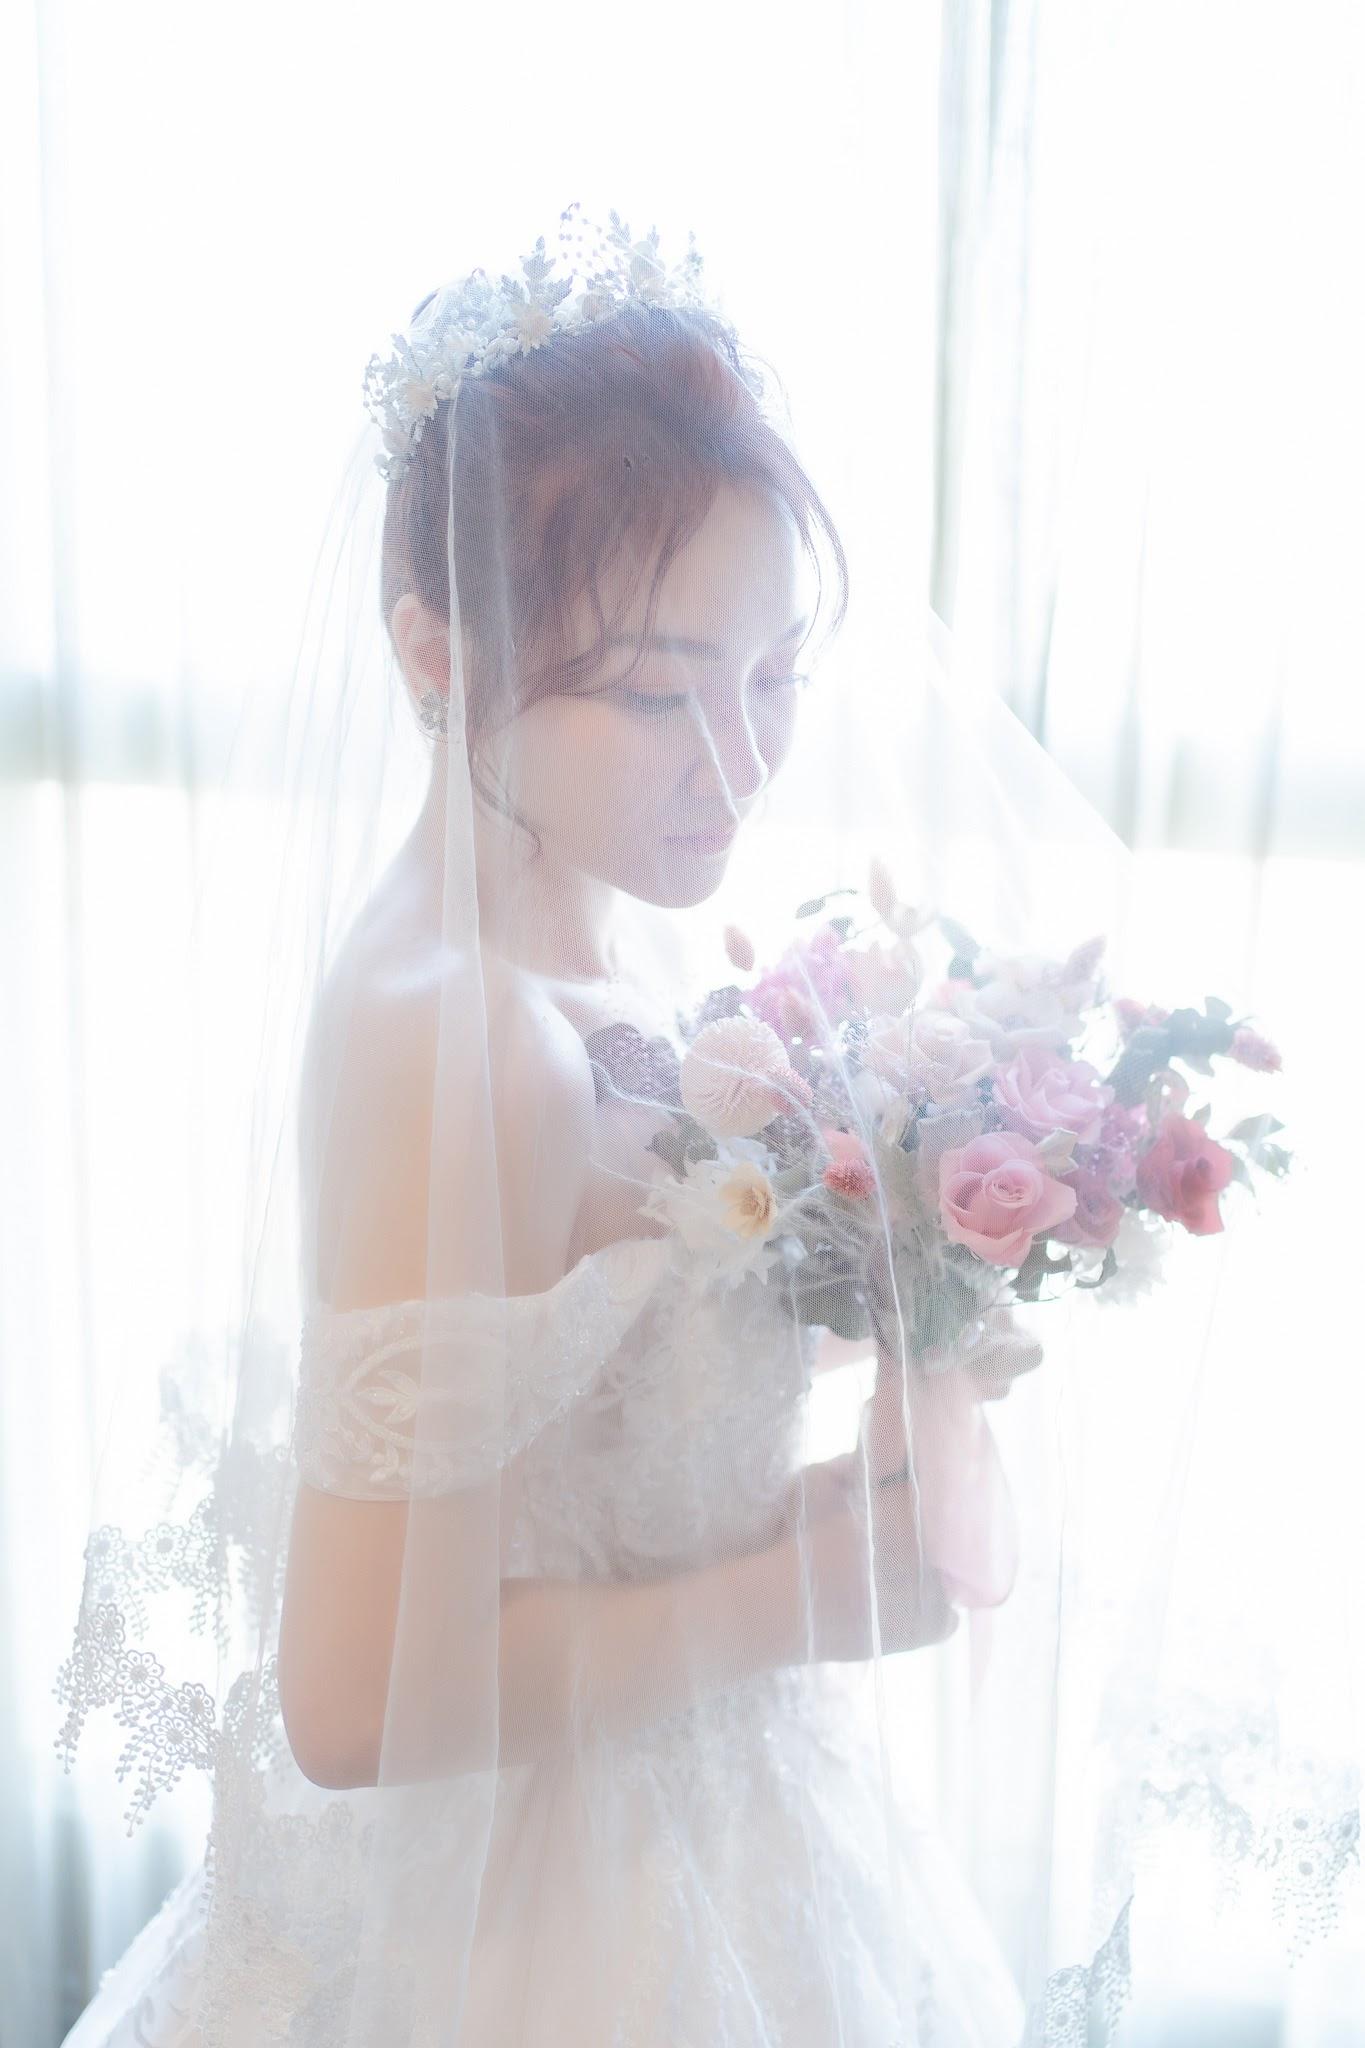 [婚禮攝影] 萊特薇庭婚禮 台北婚攝推薦 類婚紗 瑪朵婚禮 婚禮錄影 PTT推薦 唯美婚禮 美式婚禮